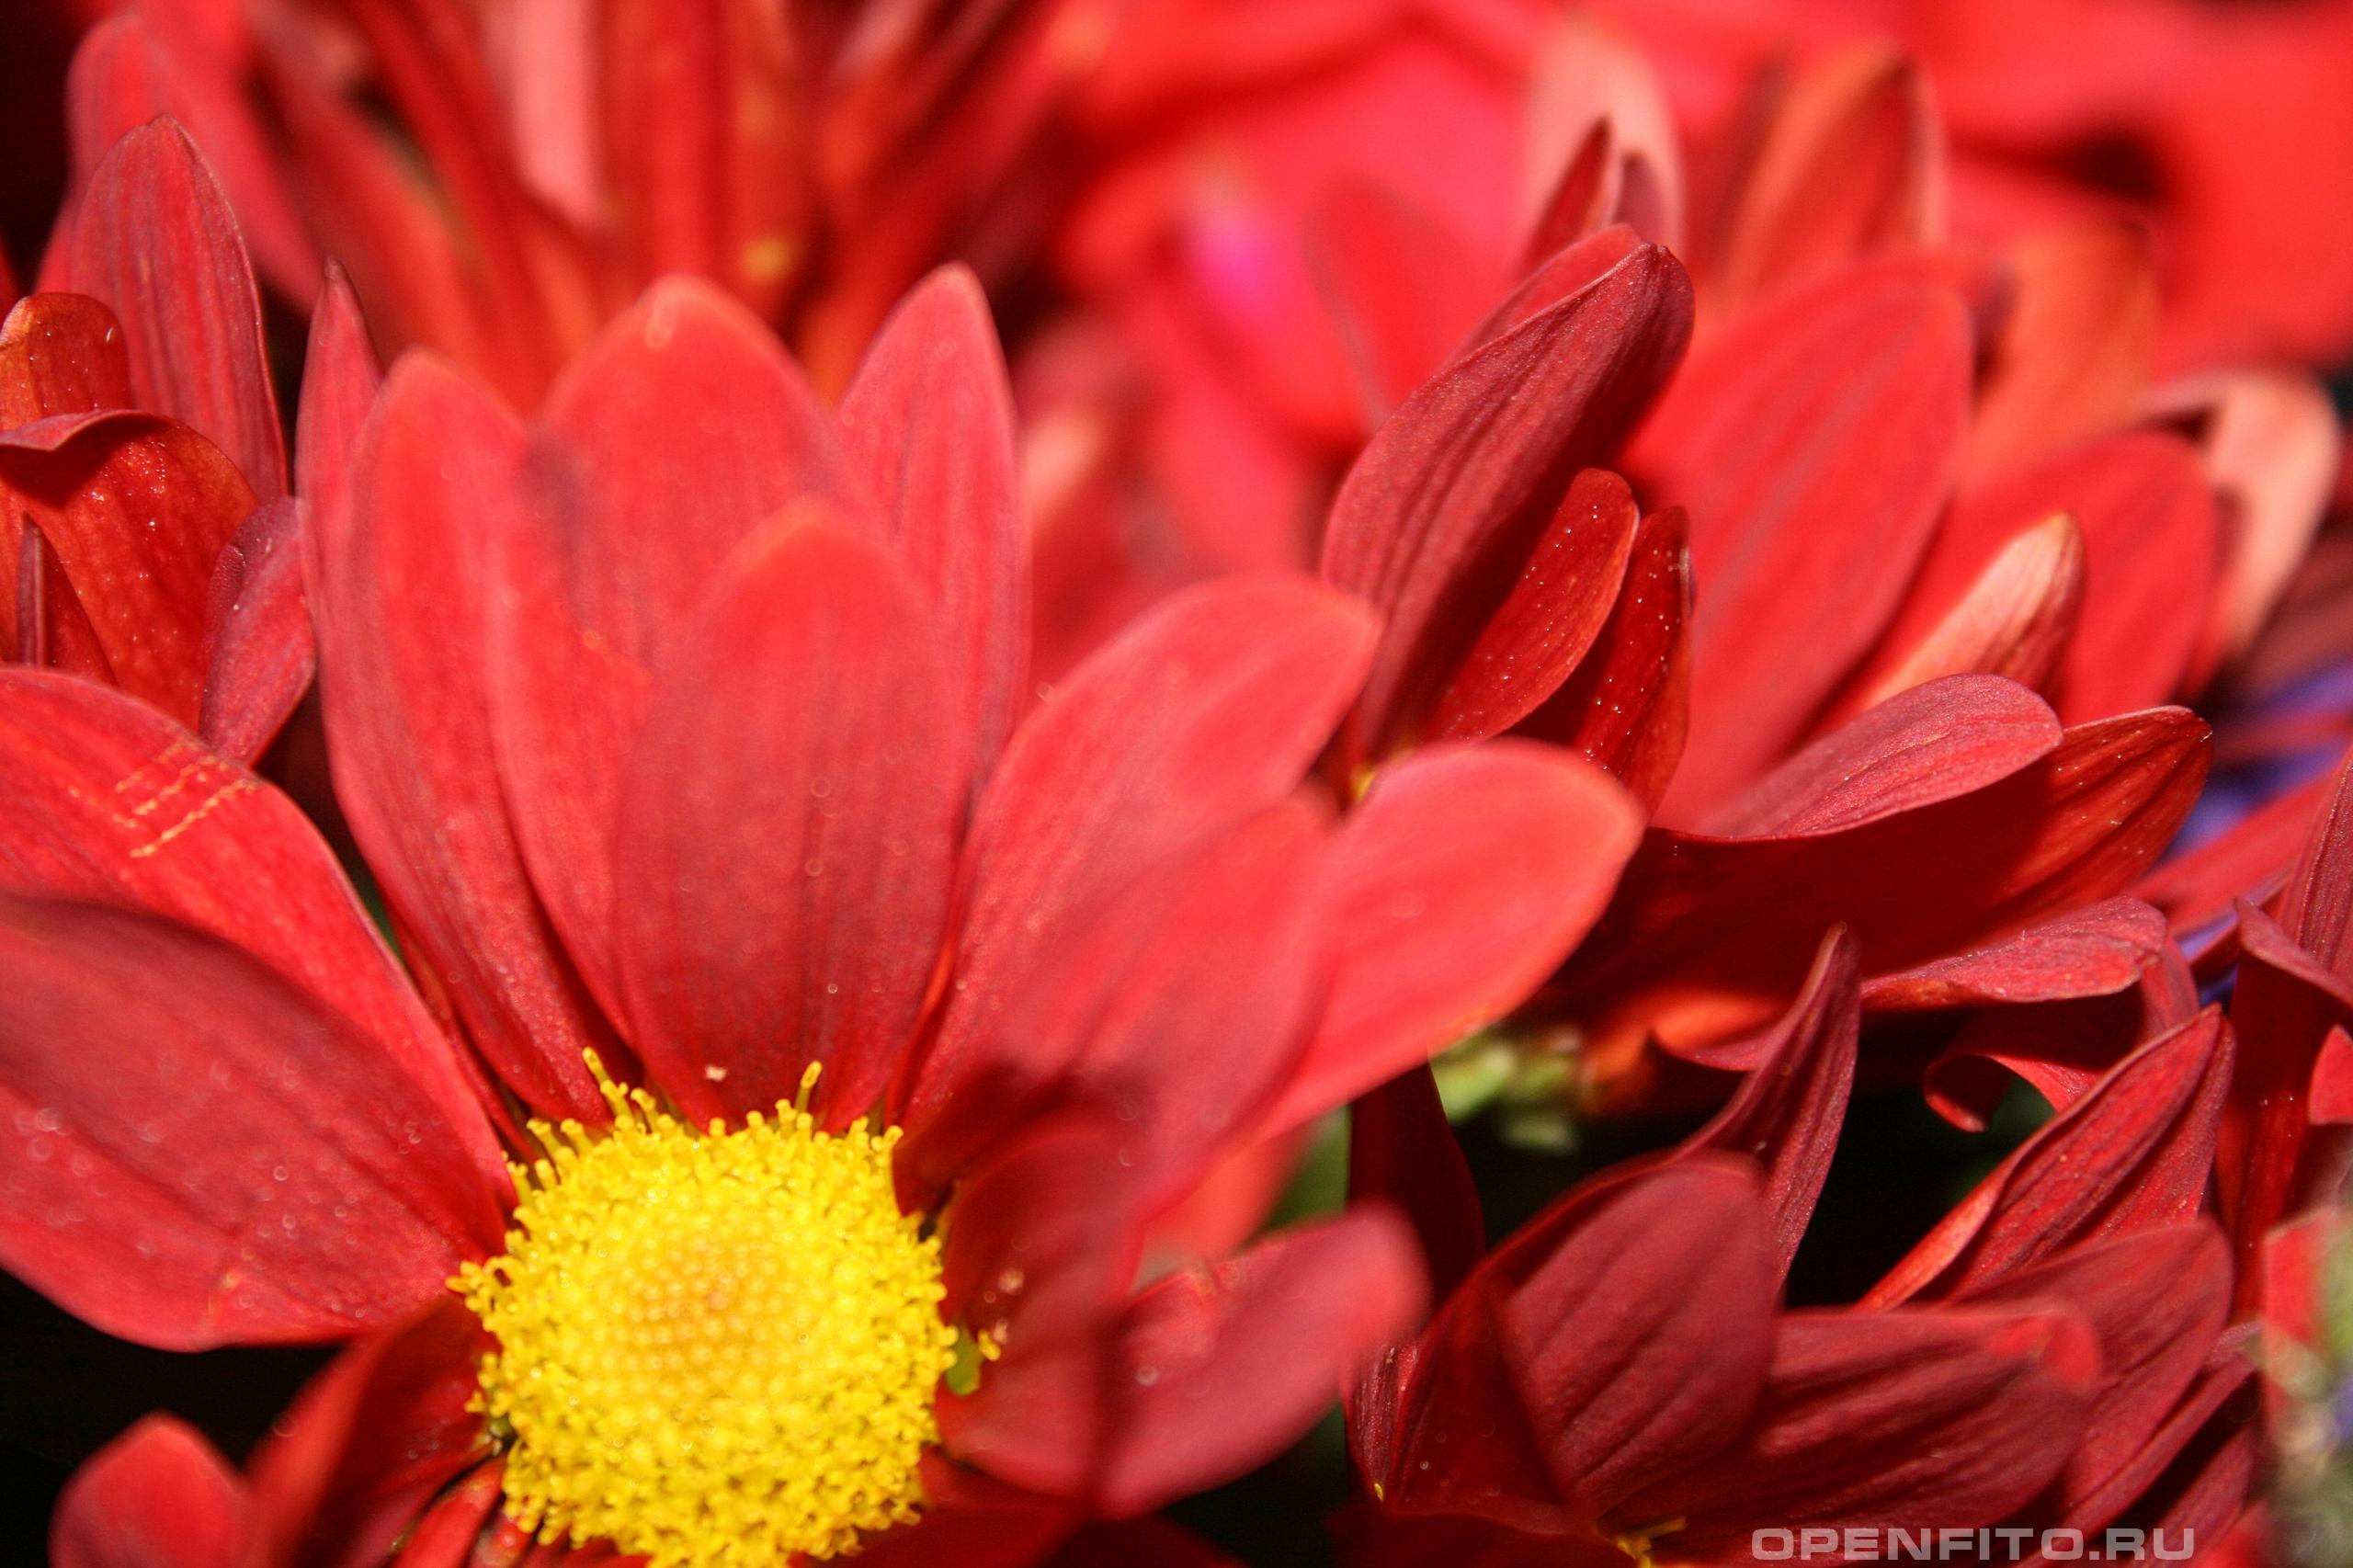 Хризантема индийская фото цветка крупным планом